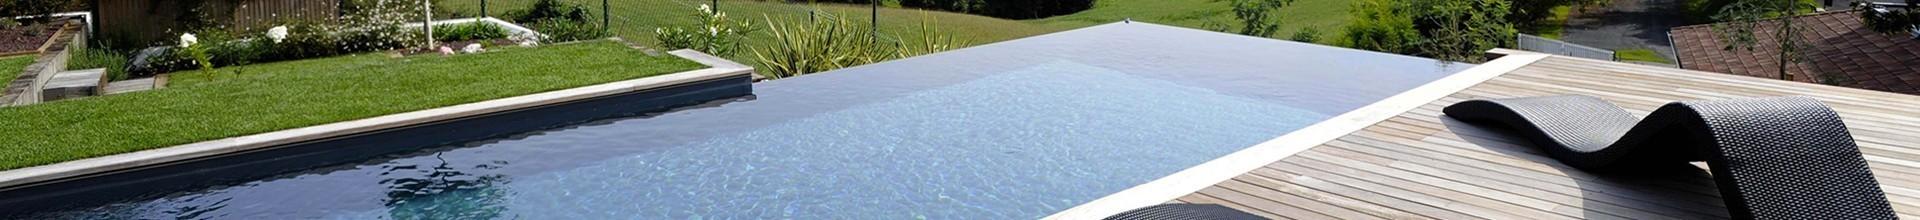 Direct usine, piscine coque prix Hasselt